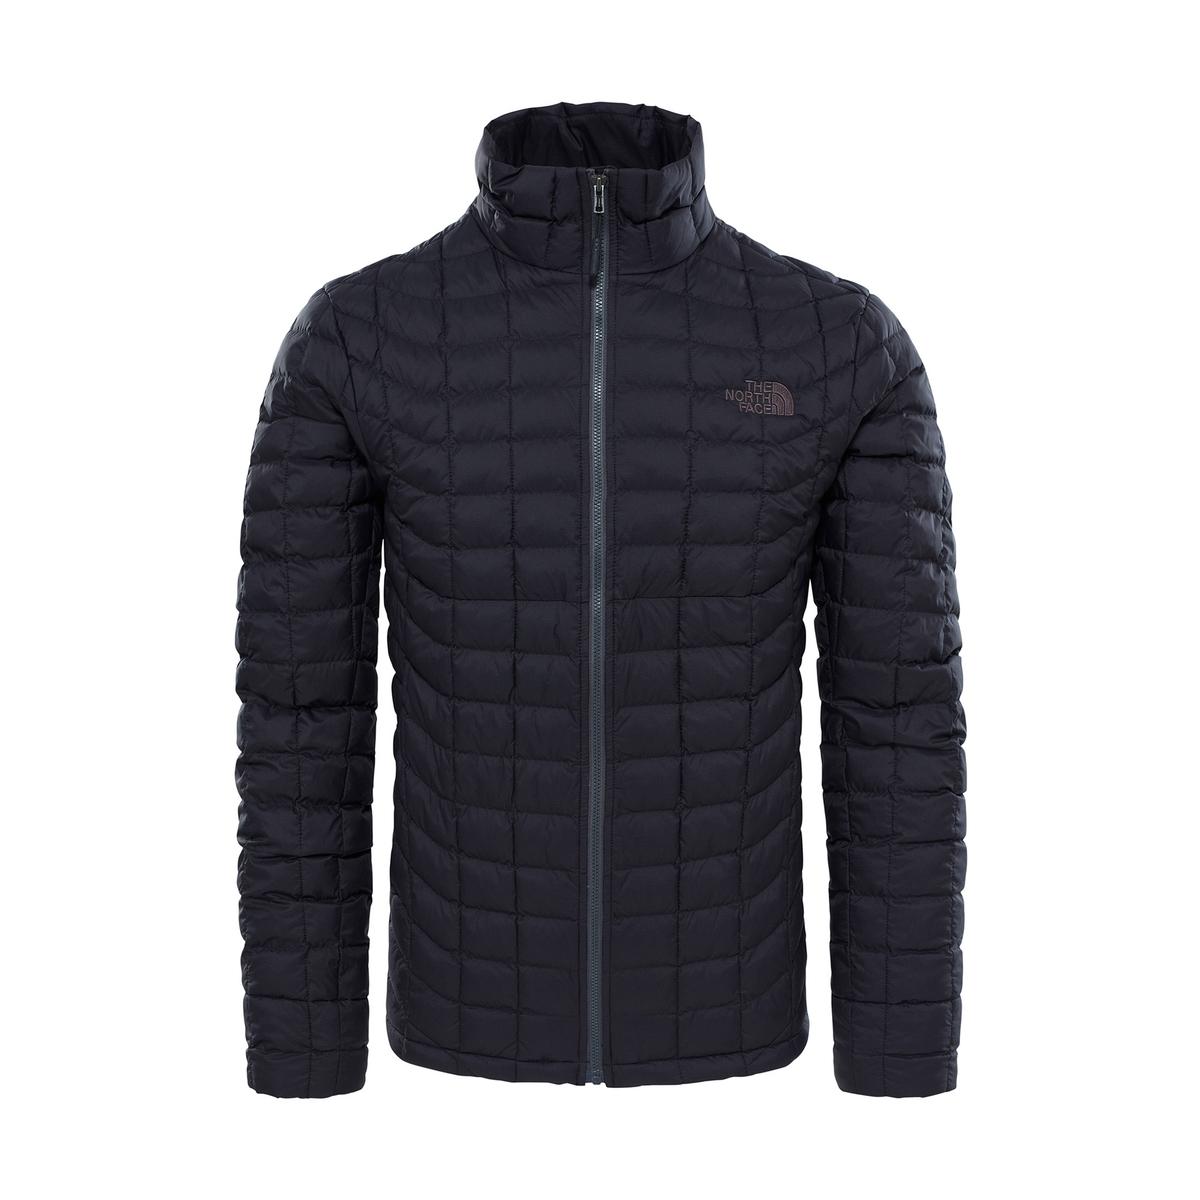 Куртка укороченная с воротником-стойкой, THERMOBALL The North Face